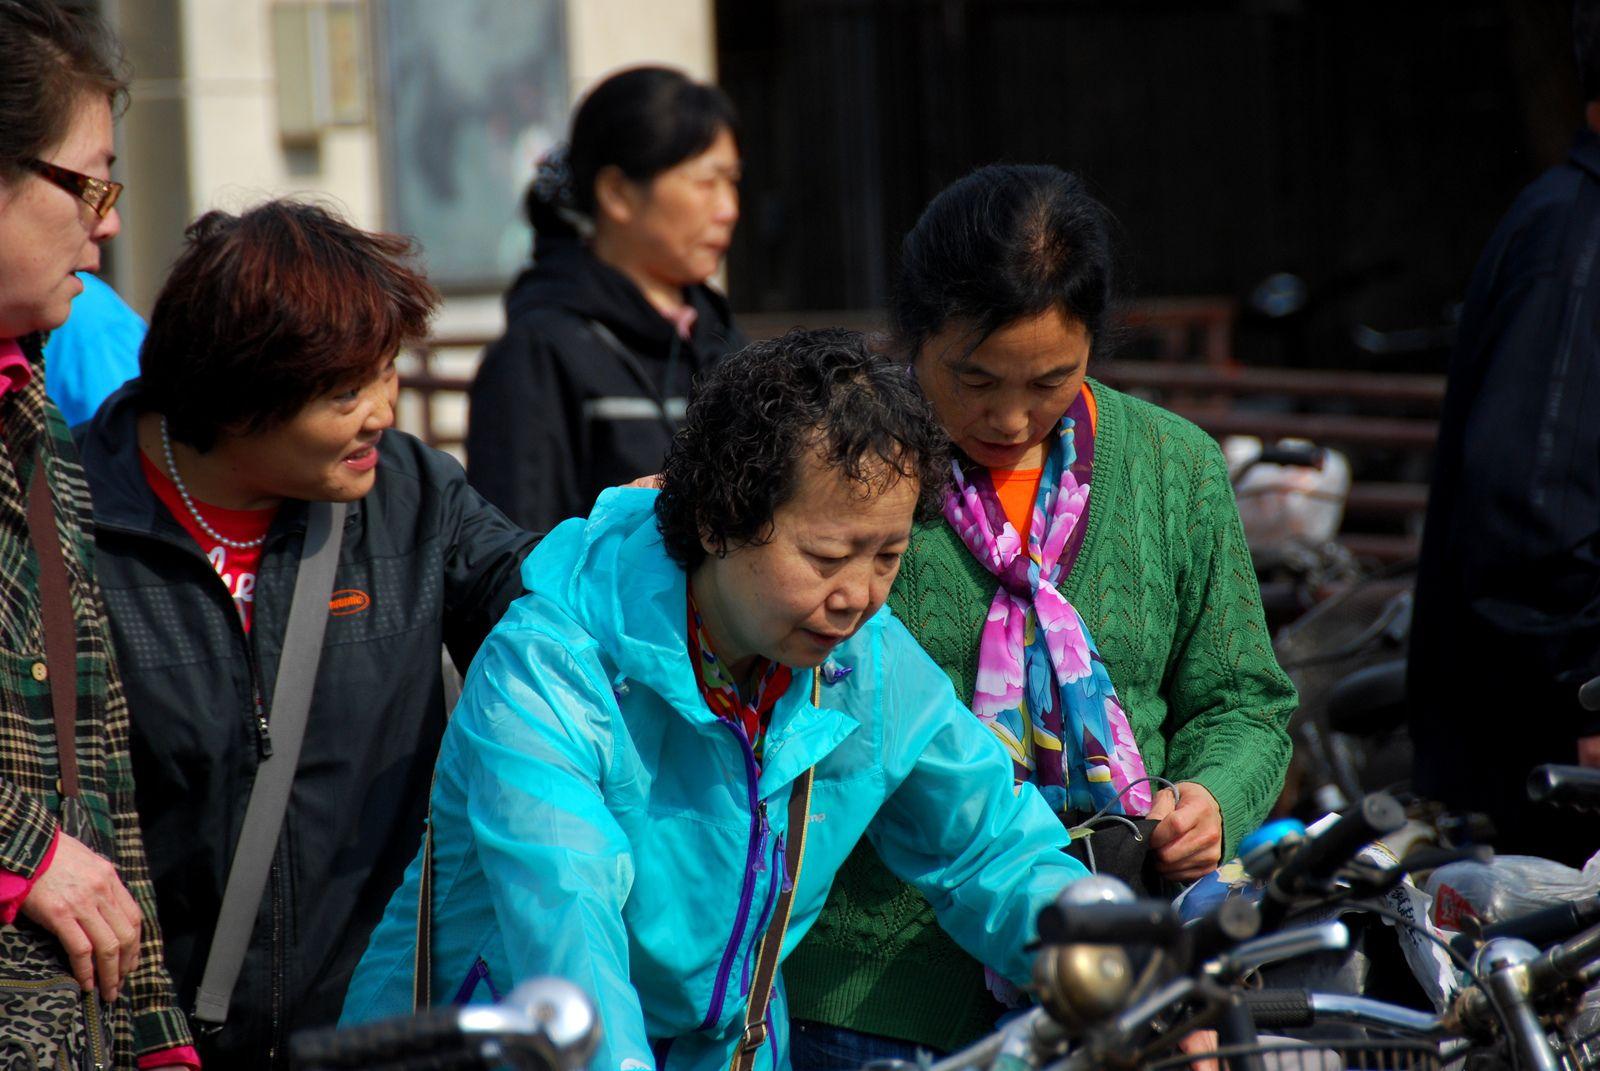 CHINE / 1 / 2014 / On parle d'autre chose, il est 07h59, nous sommes le 29 Octobre